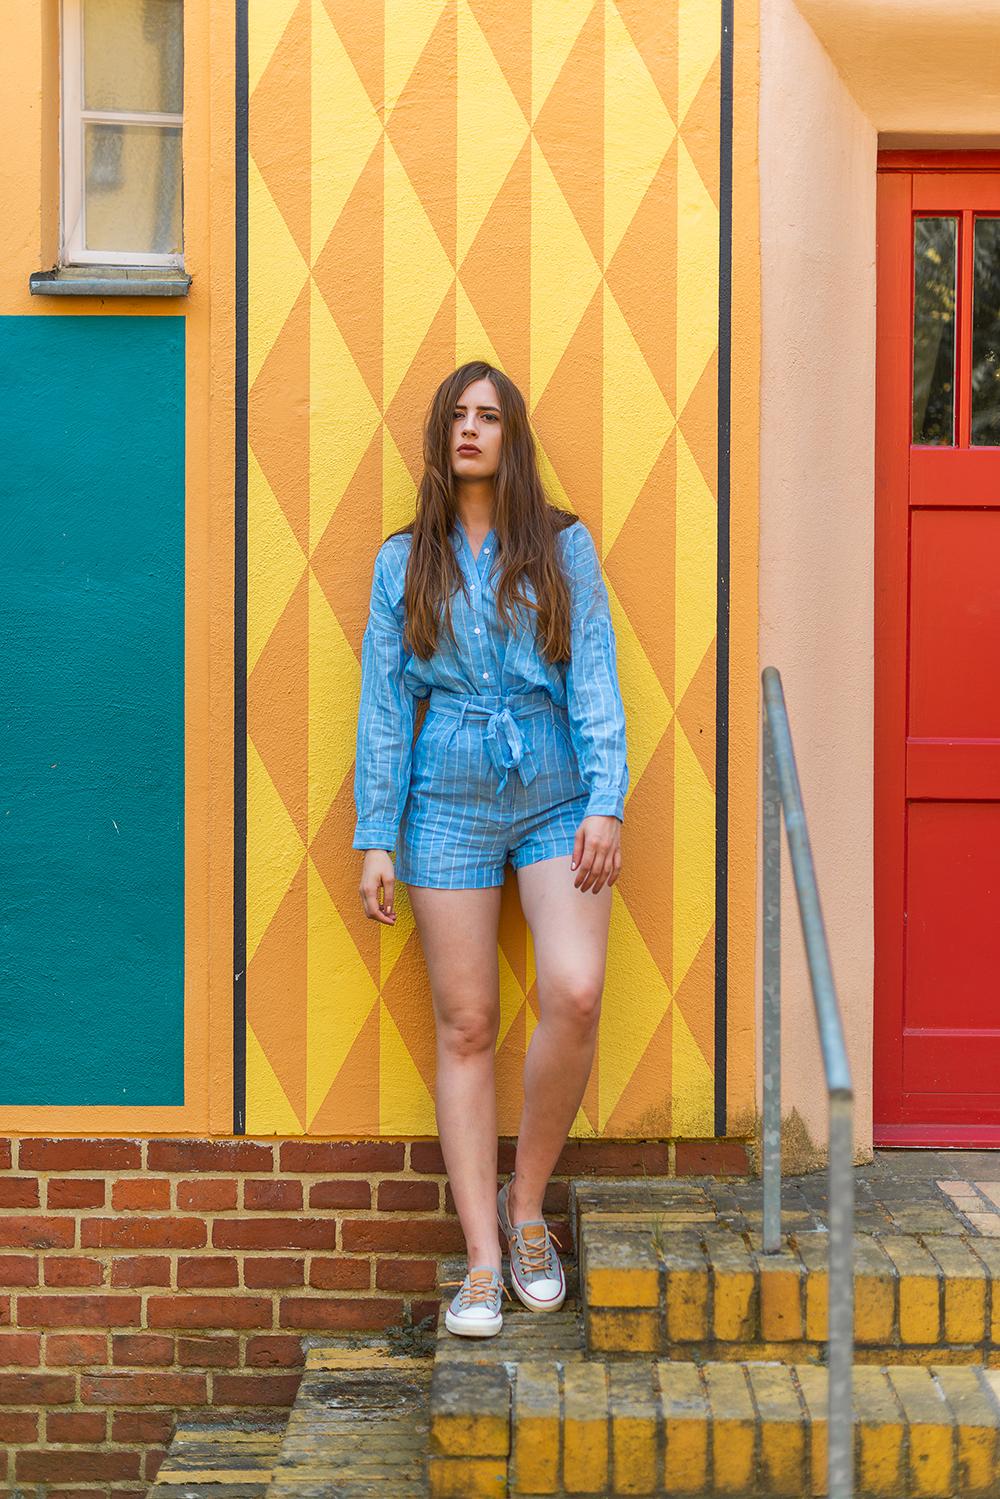 Leinen Material für den Sommer-Leinen Anzug-Trend Sommer 2018-Modeblog Berlin-andysparkles